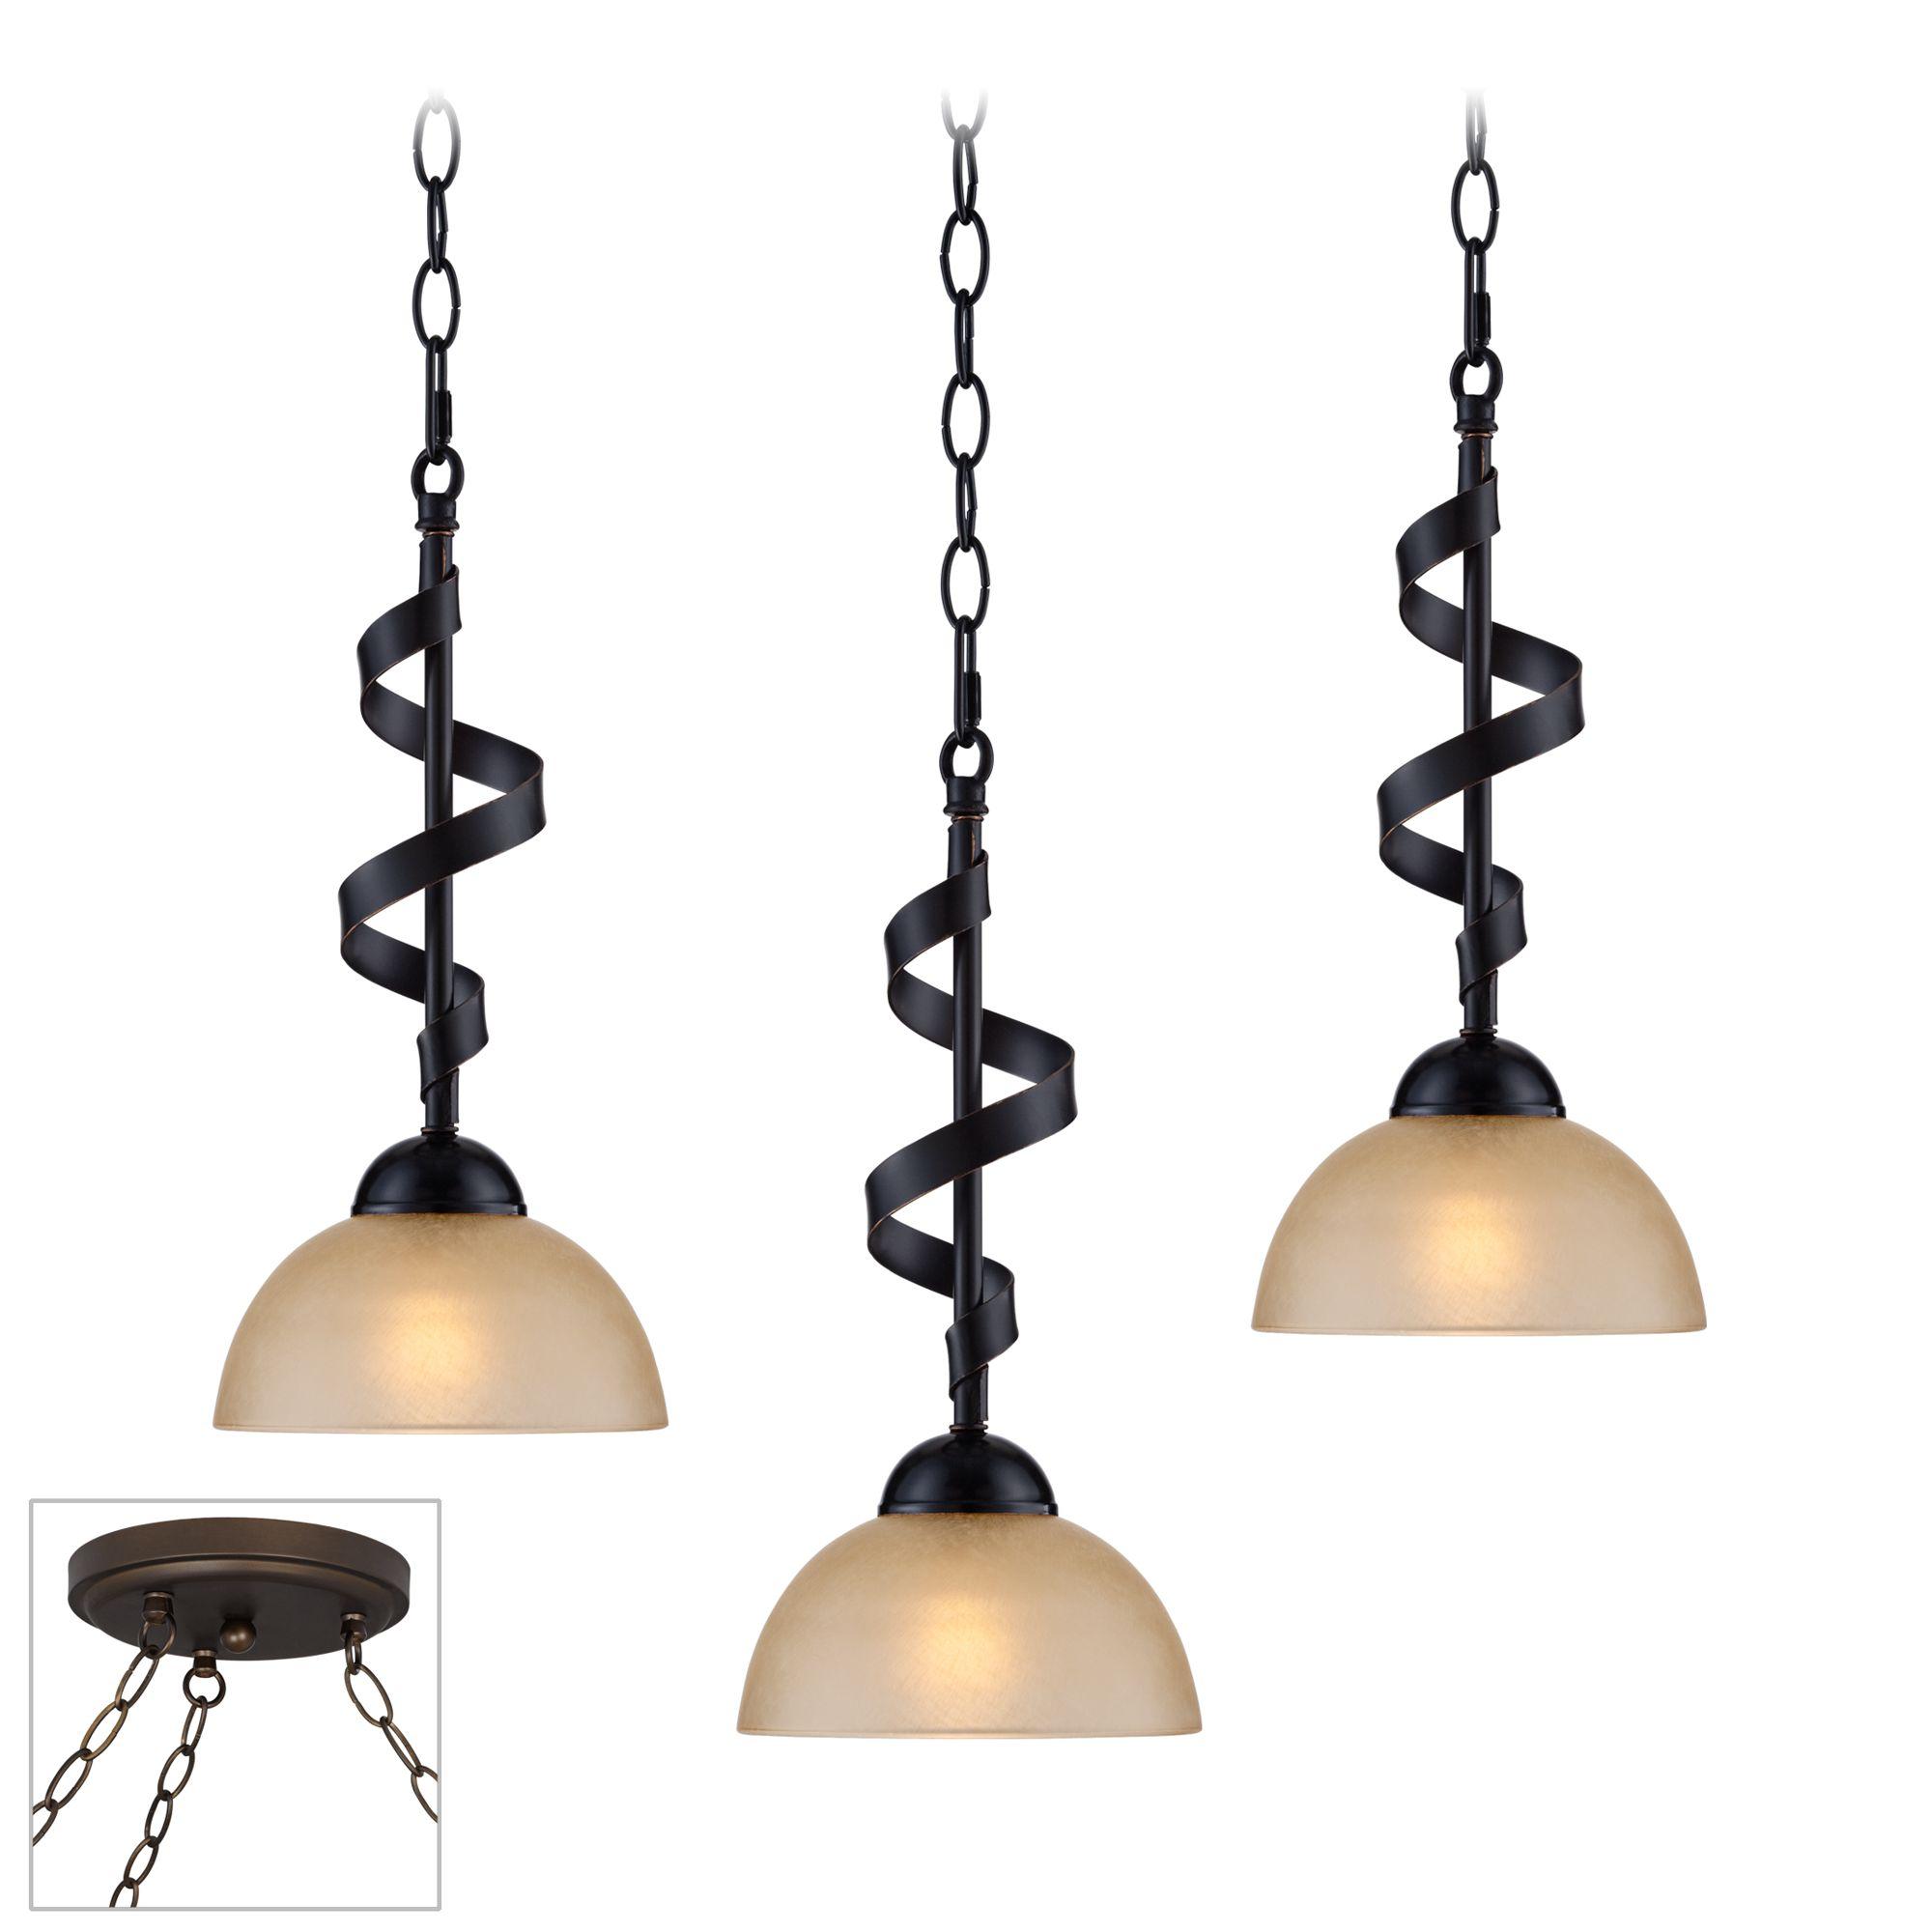 Bronzeador Bronze Triple Multi Light Pendant  sc 1 st  L&s Plus & Bronze Swag Lighting Fixtures | Lamps Plus azcodes.com